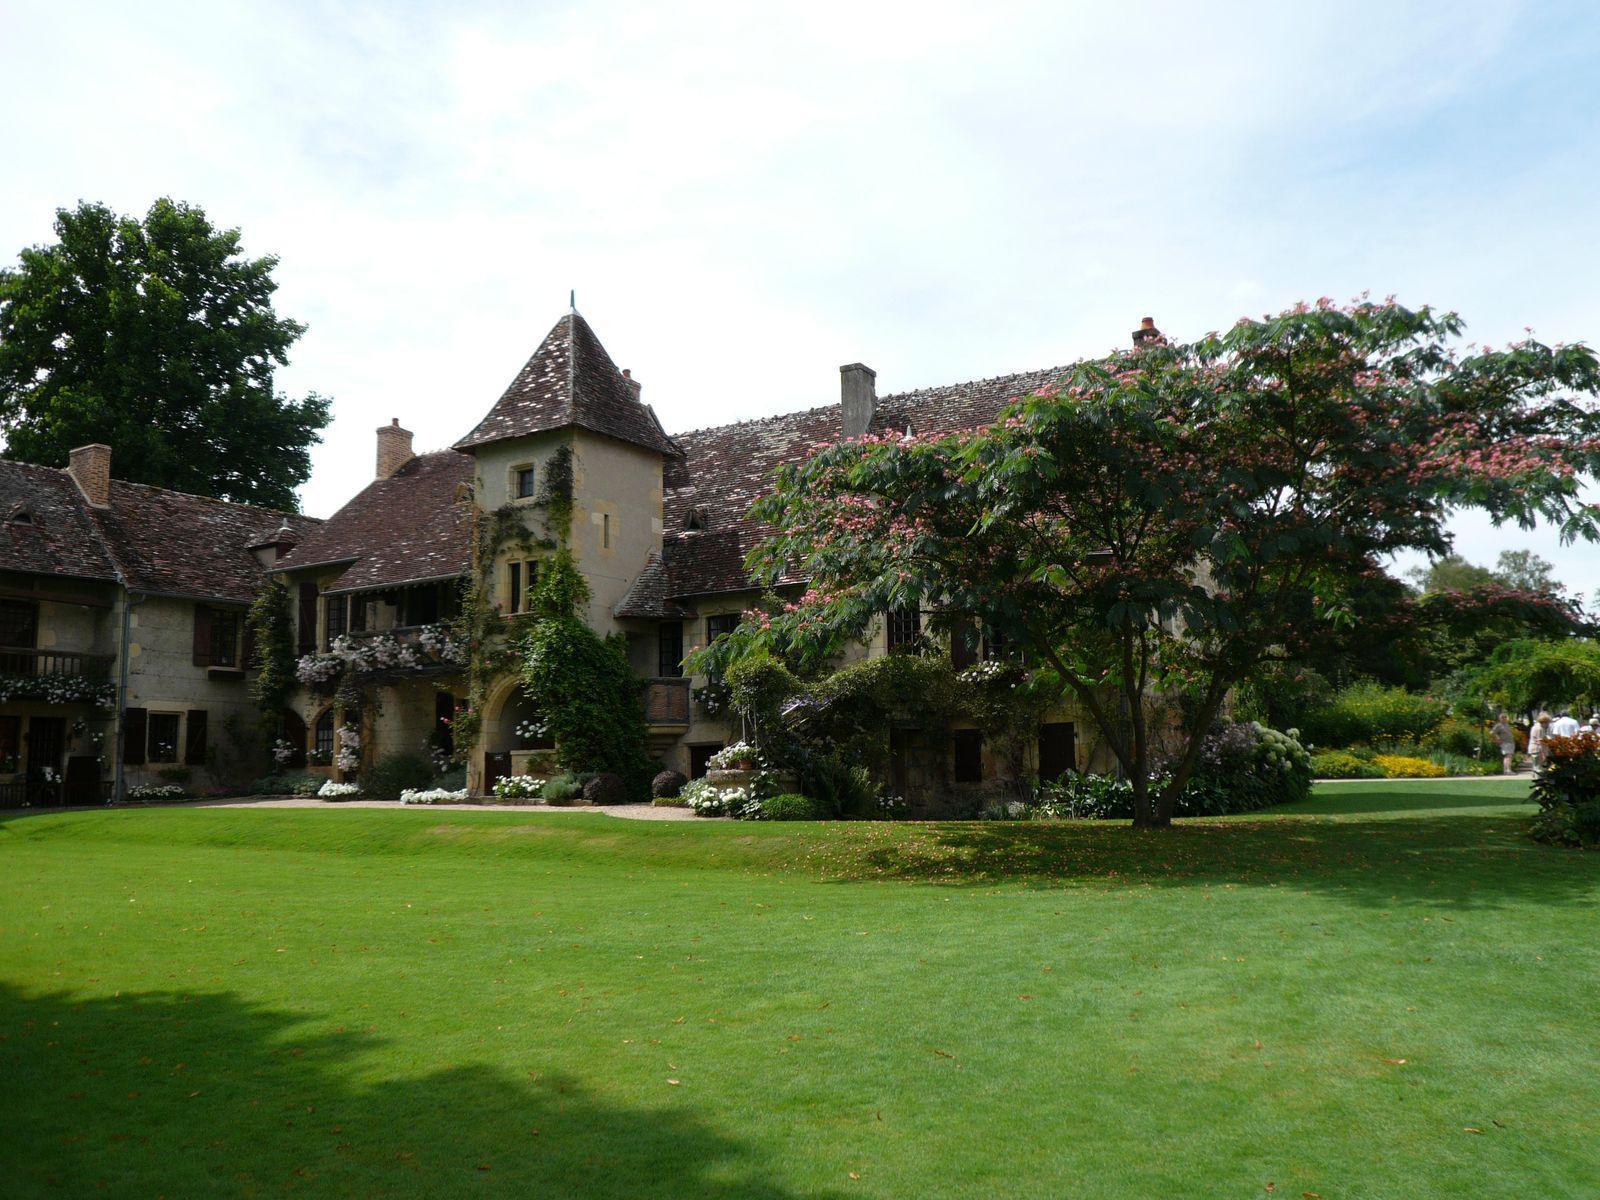 Parc floral d 39 apremont the best tourist place in the world for Apremont sur allier jardin